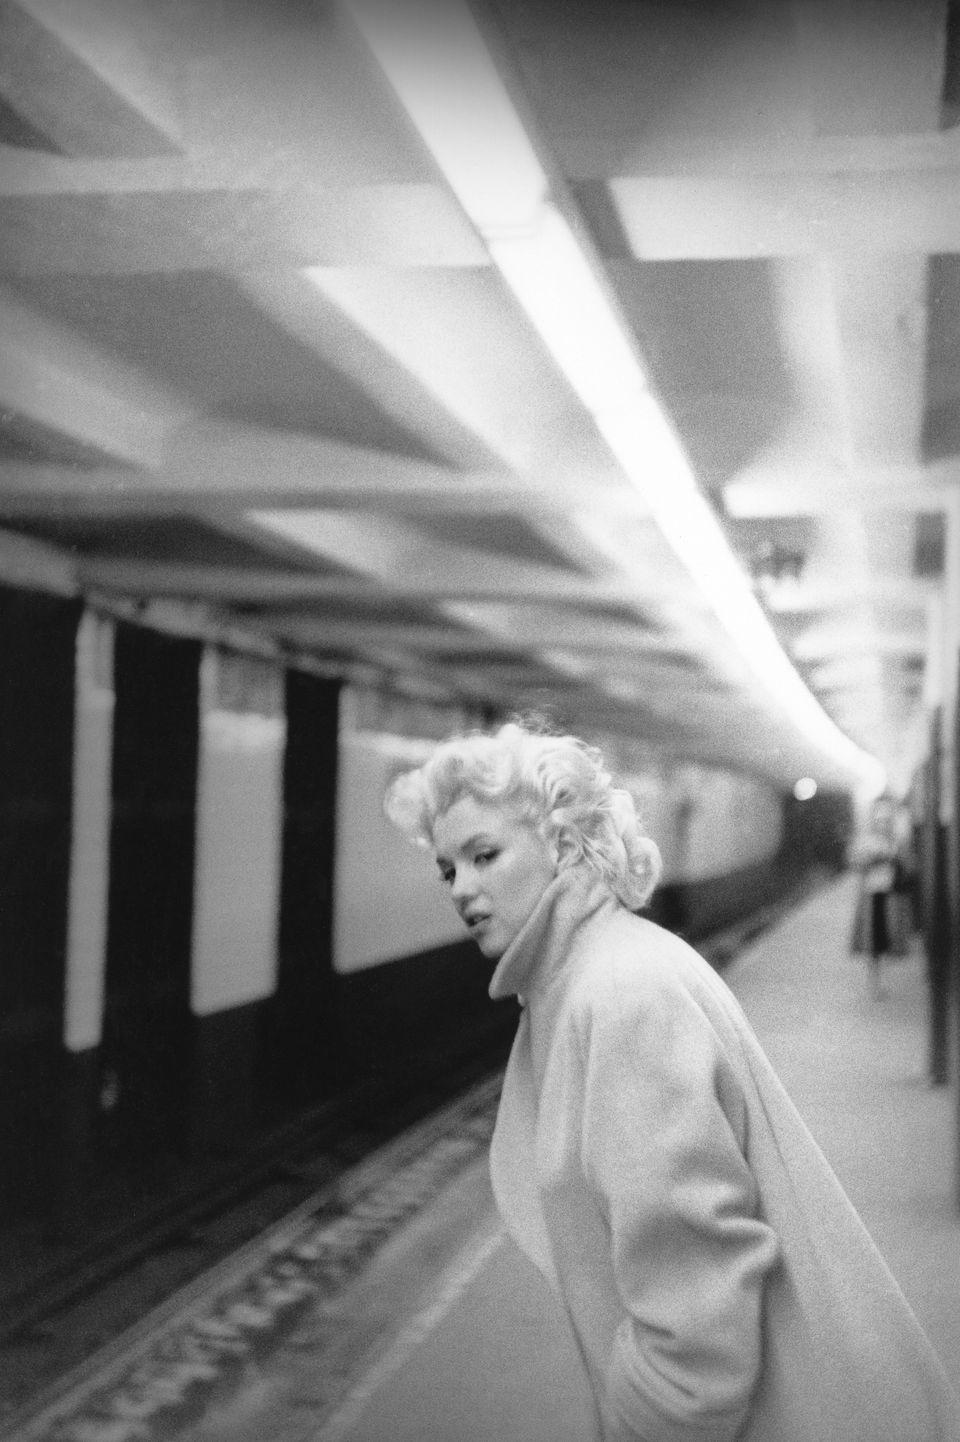 «Μία εβδομάδα με τη Μέριλιν»: Οι σπάνιες, διαφορετικές φωτογραφίες της